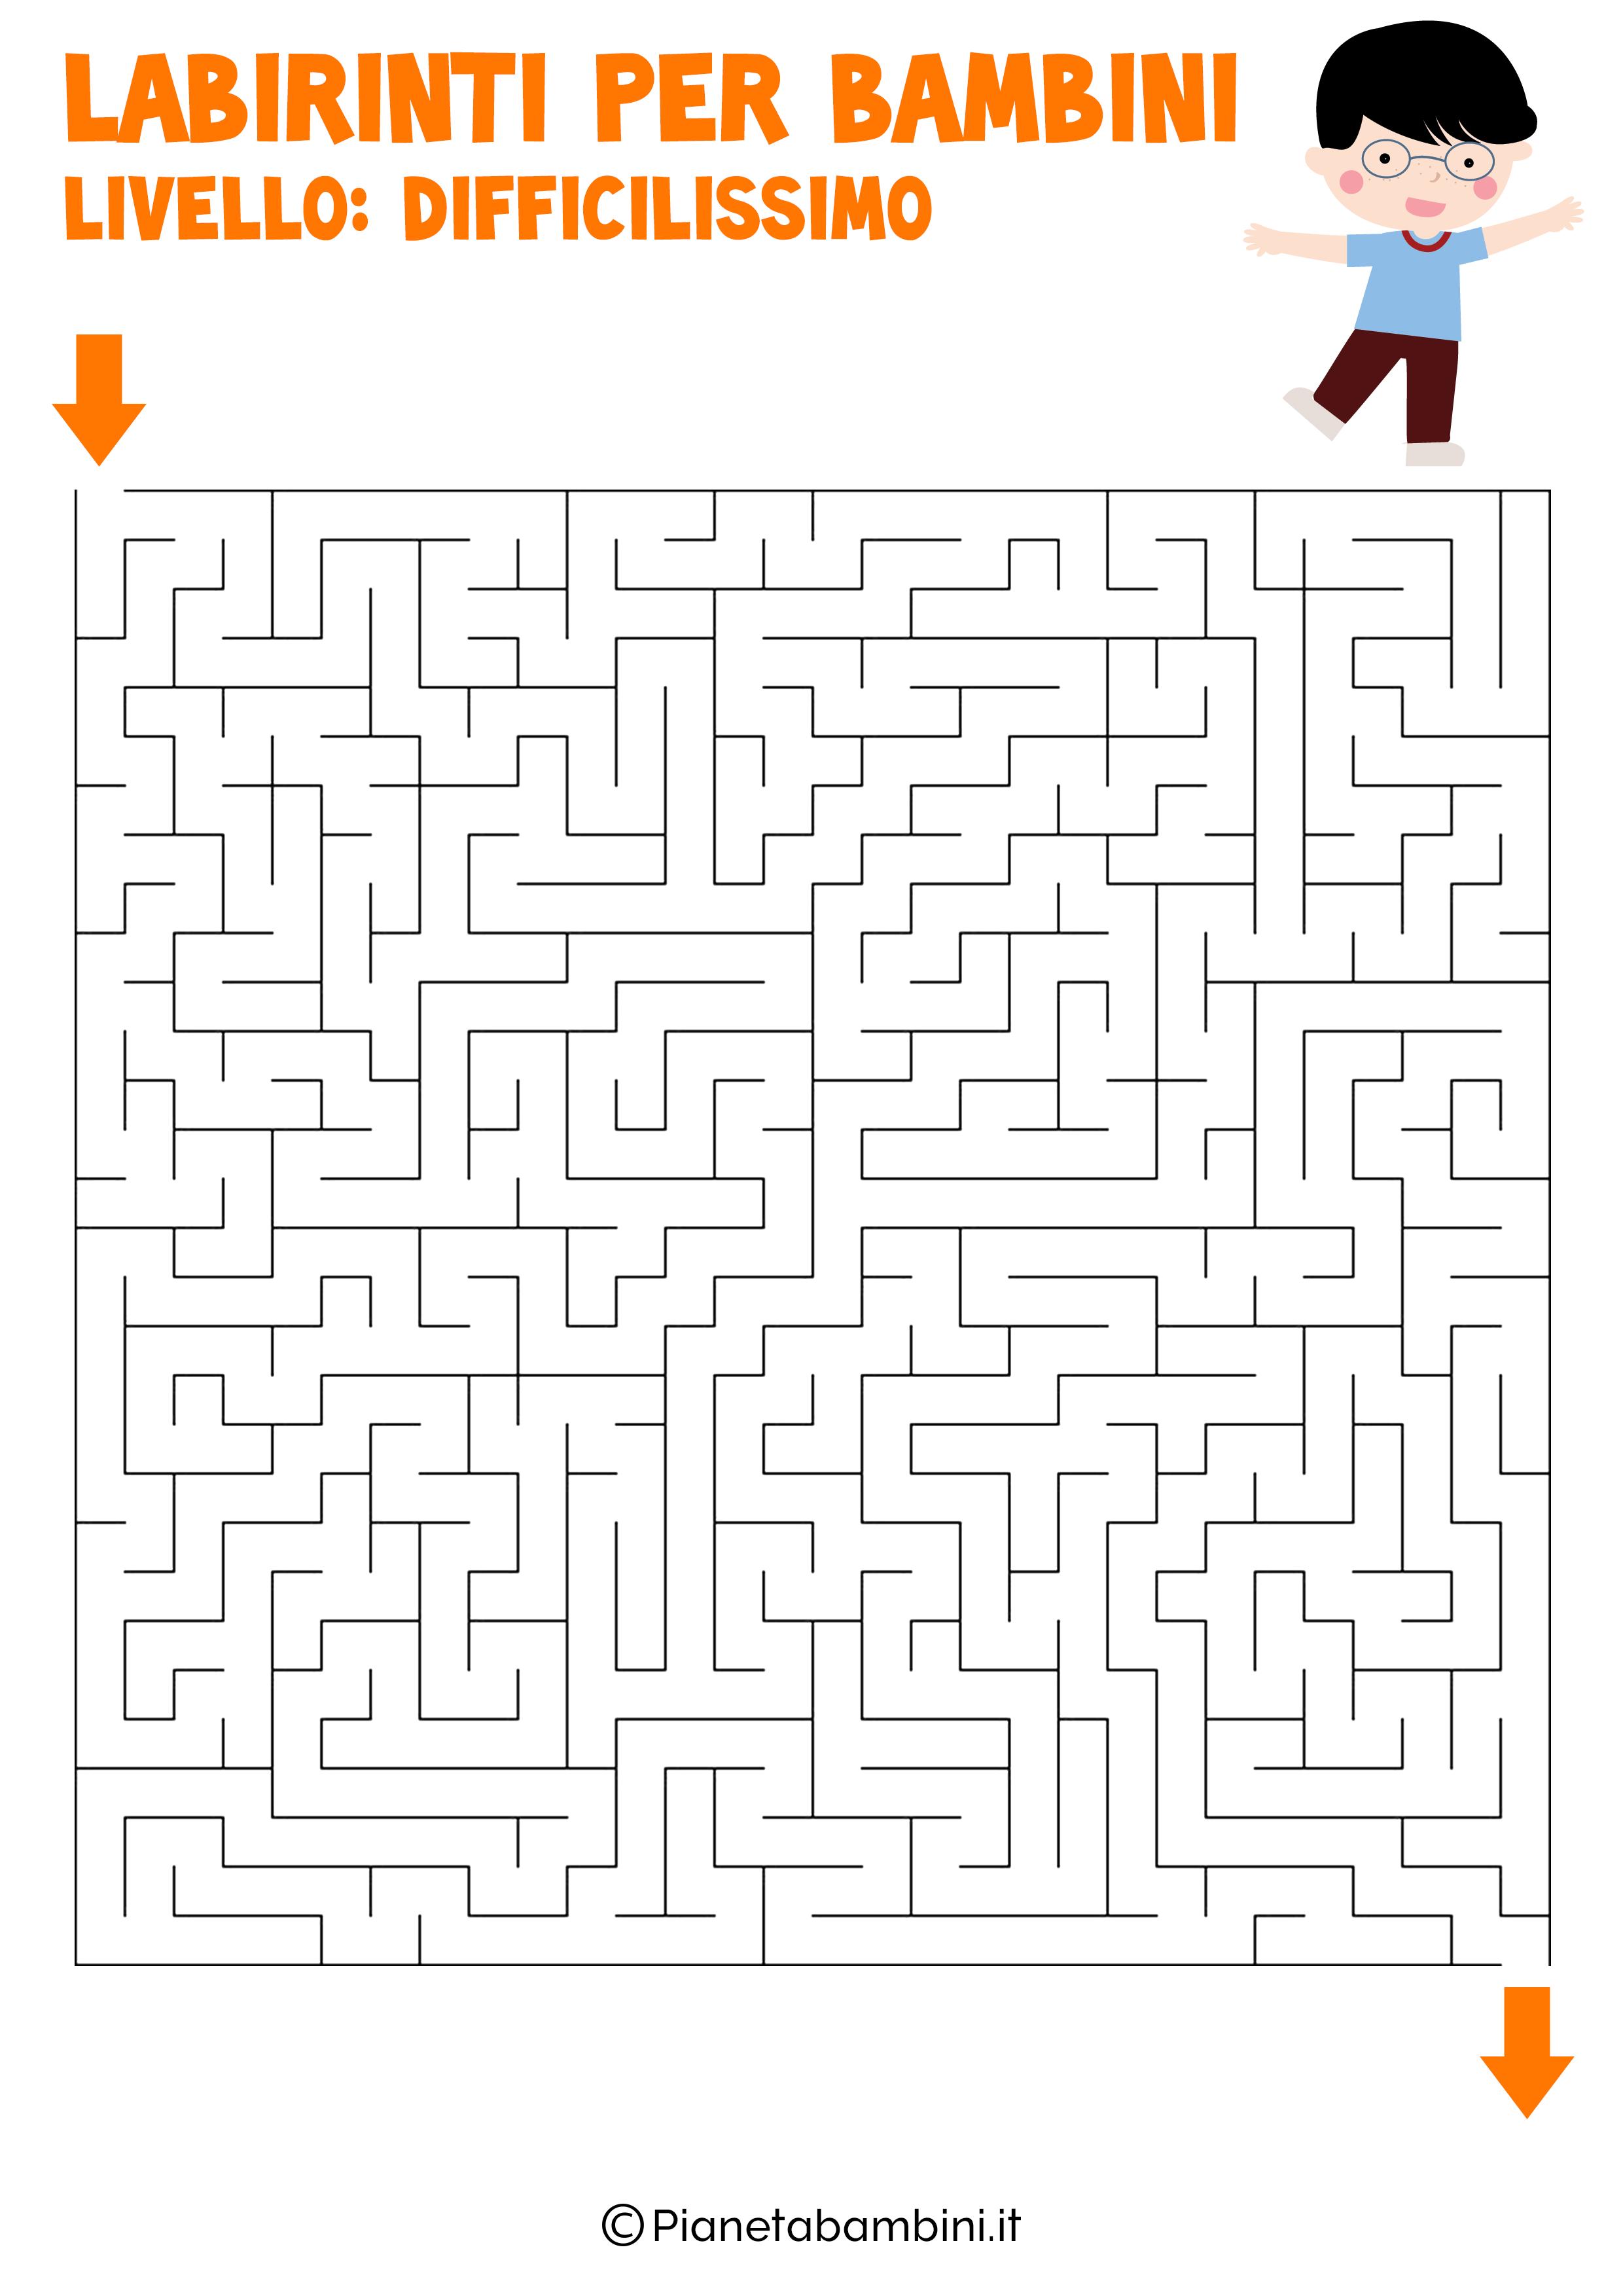 Labirinto difficilissimo per bambini numero 11